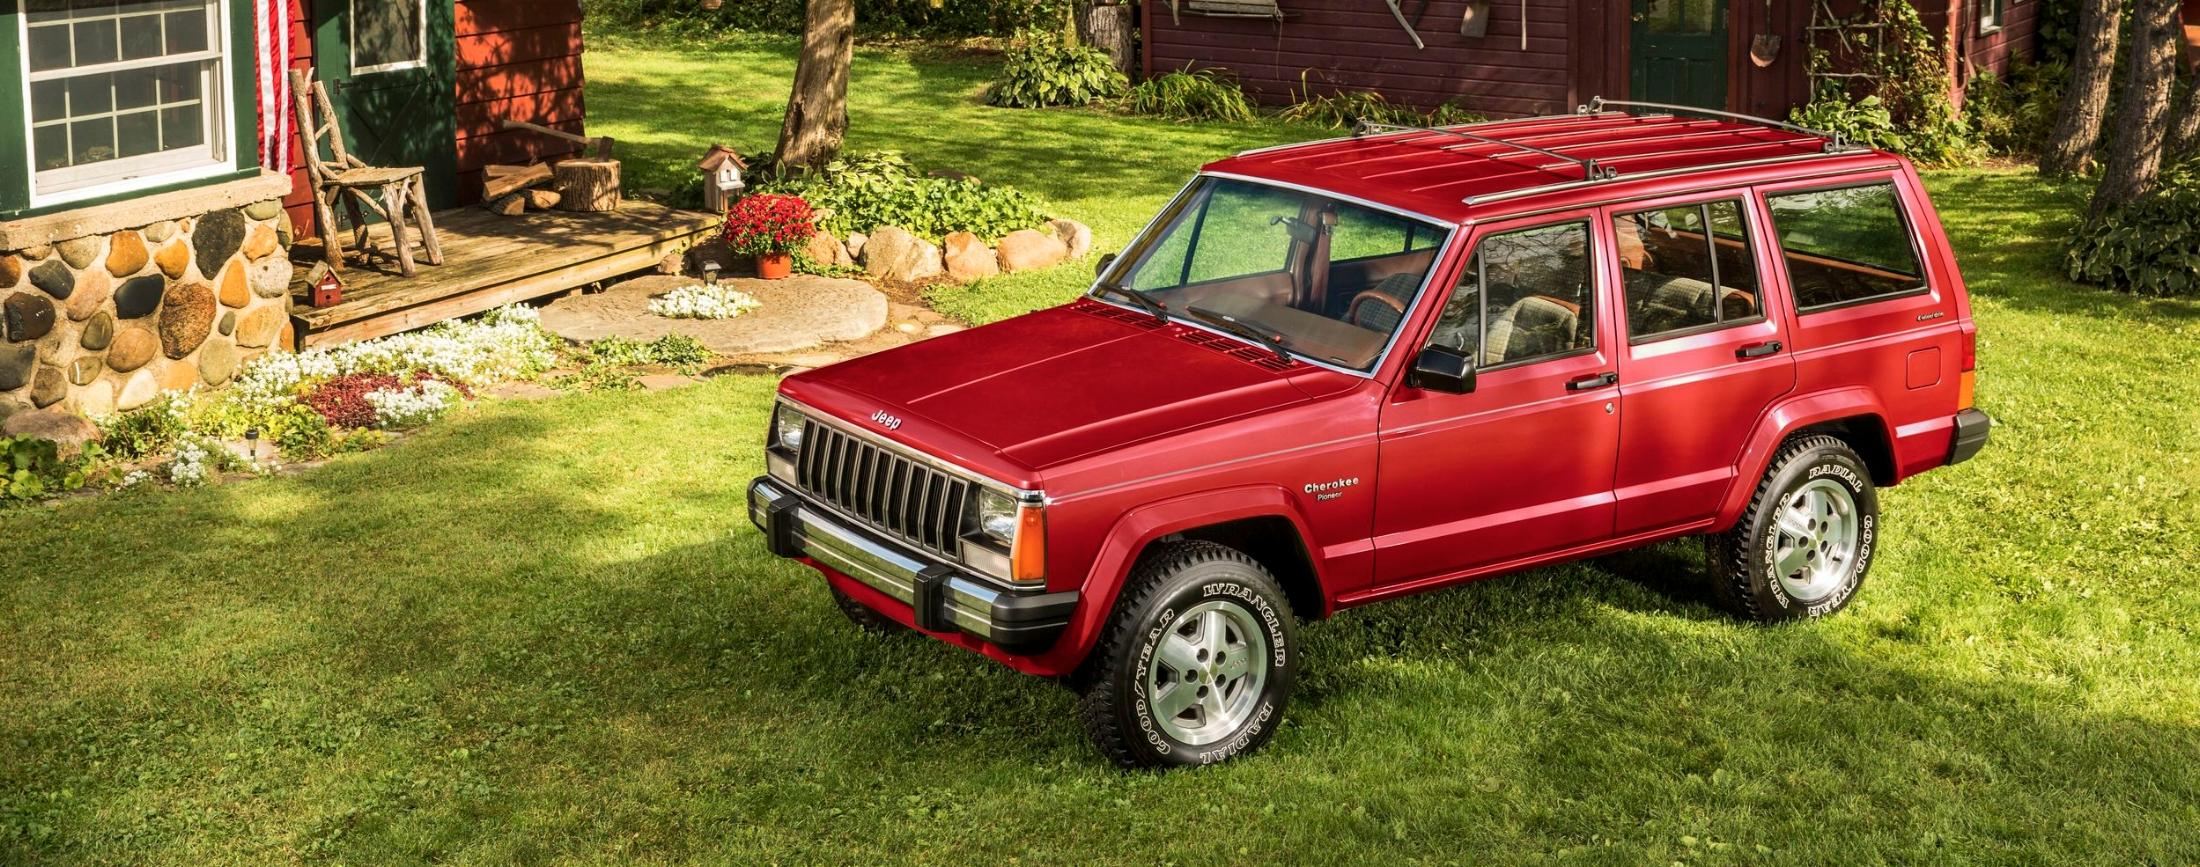 Cherokee Xj For Sale >> Jeep Cherokee Xj Sport For Sale Low Mileage Original Cherokee Xj